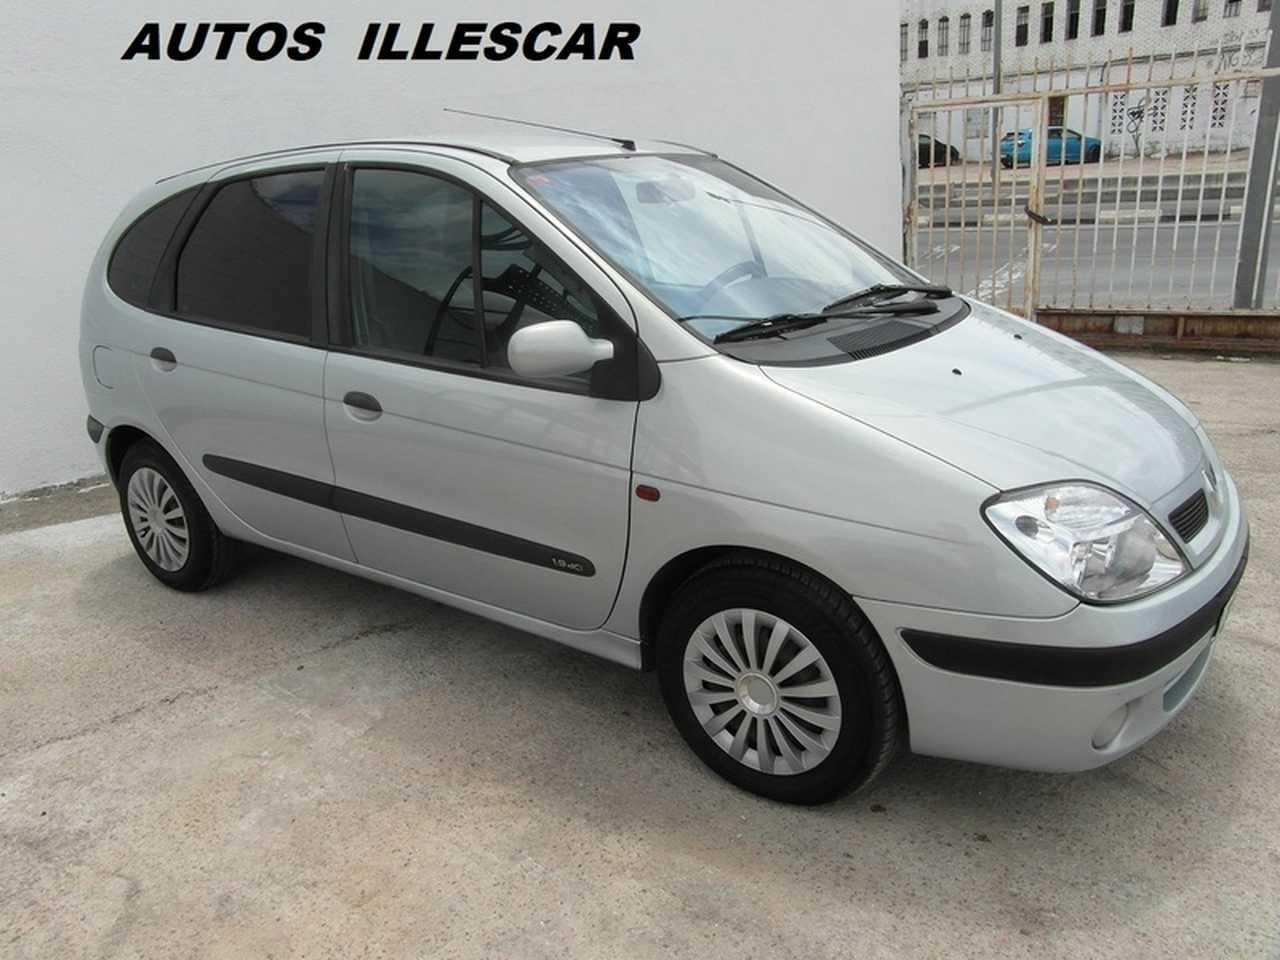 Renault Scénic 1.9 MEGANE ECENIC  102 CV MUY CUIDADO  - Foto 1